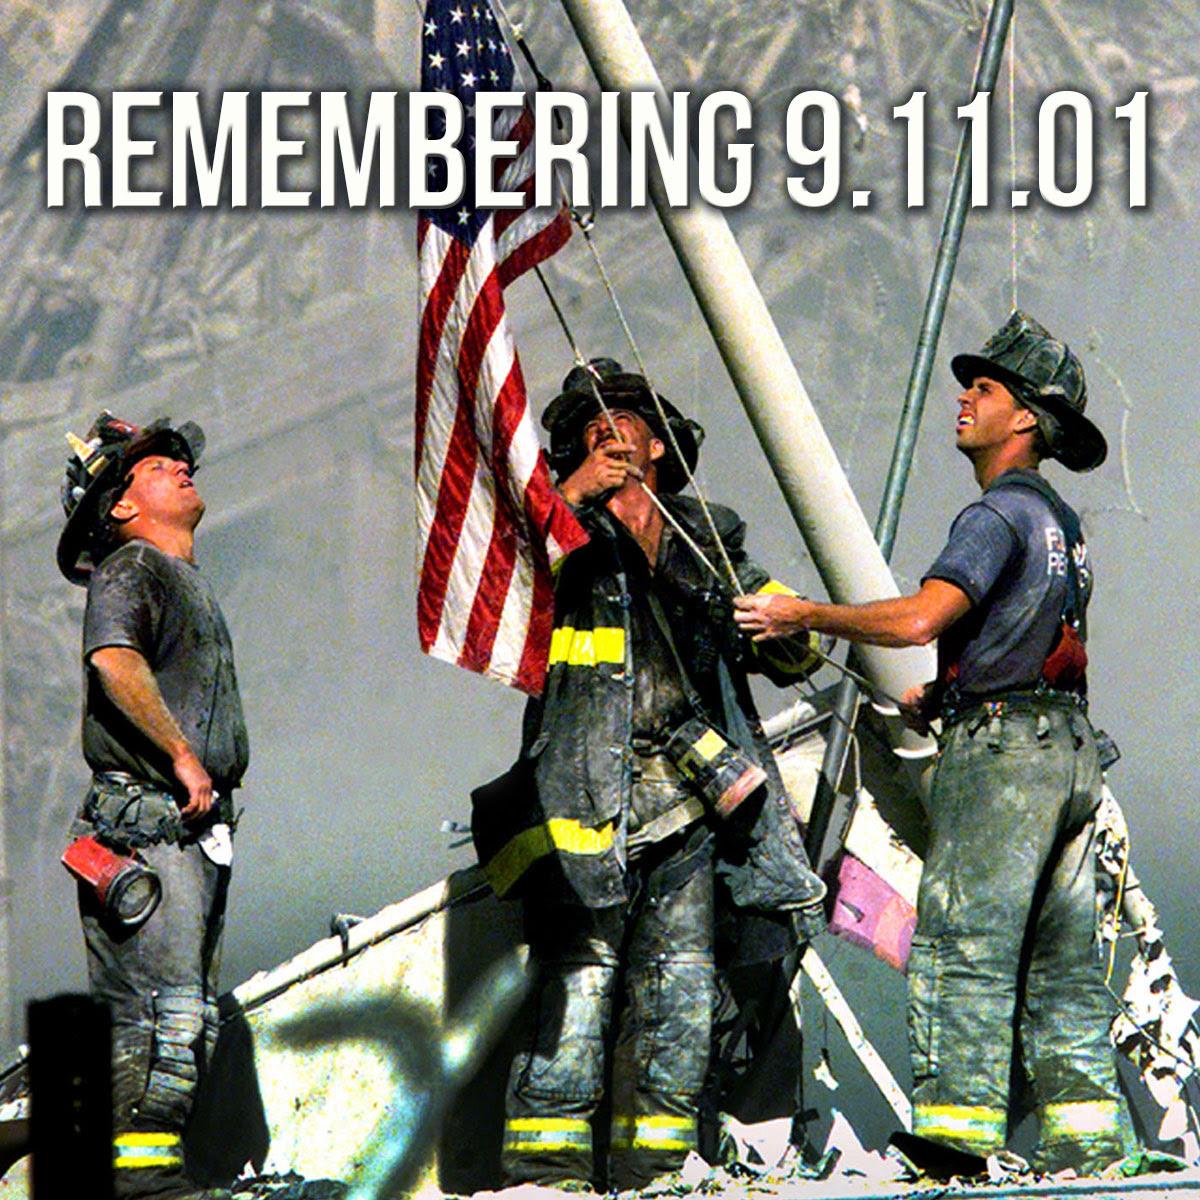 patriot-day911-2.jpg